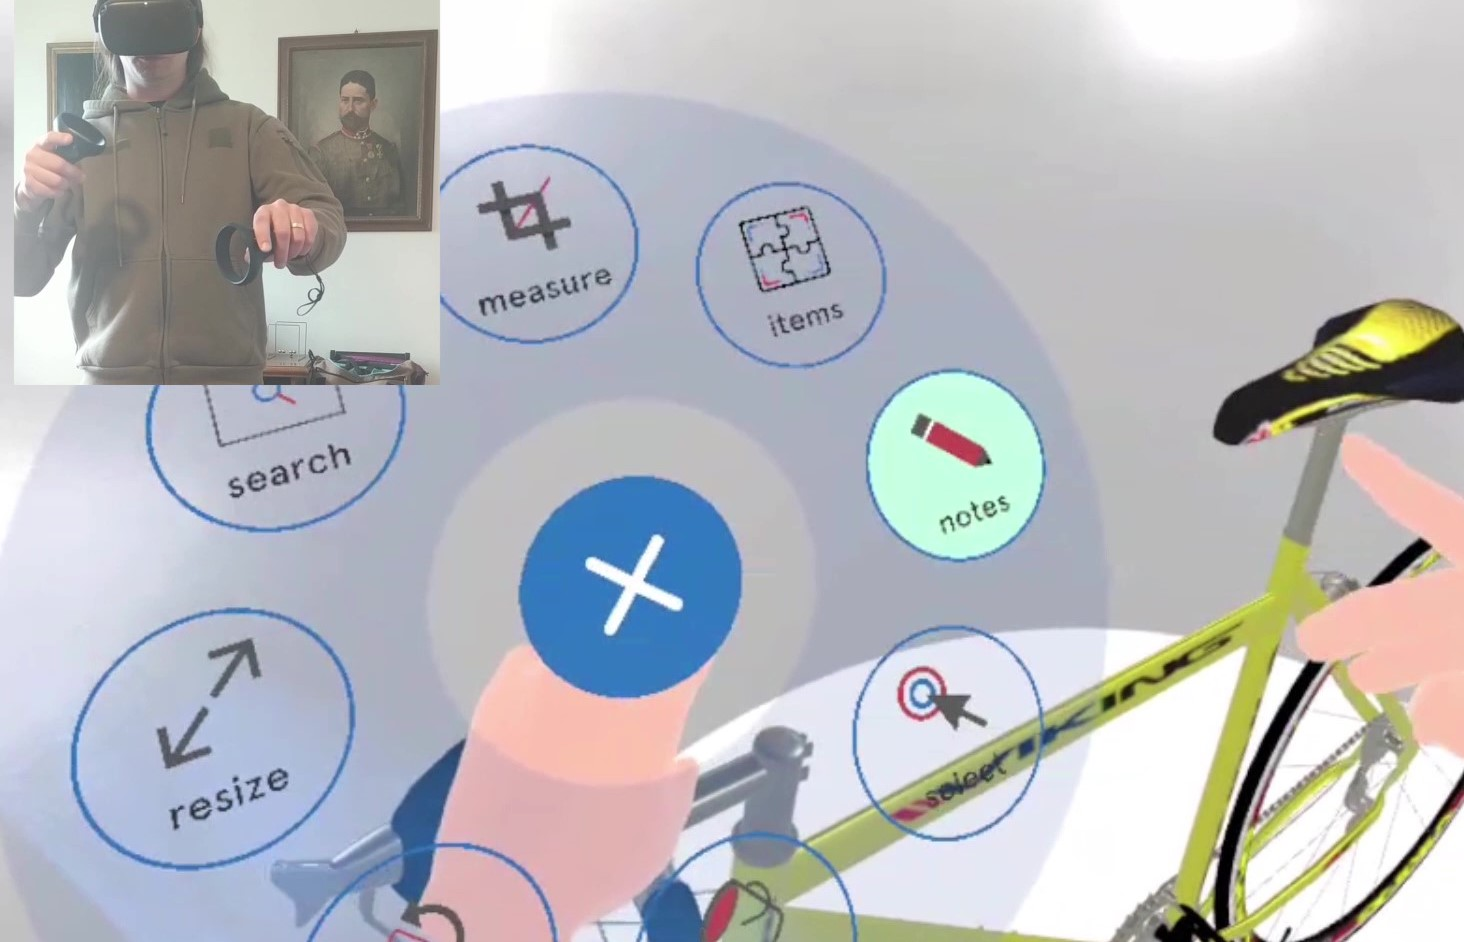 Realtà virtuale, uno strumento molto potente